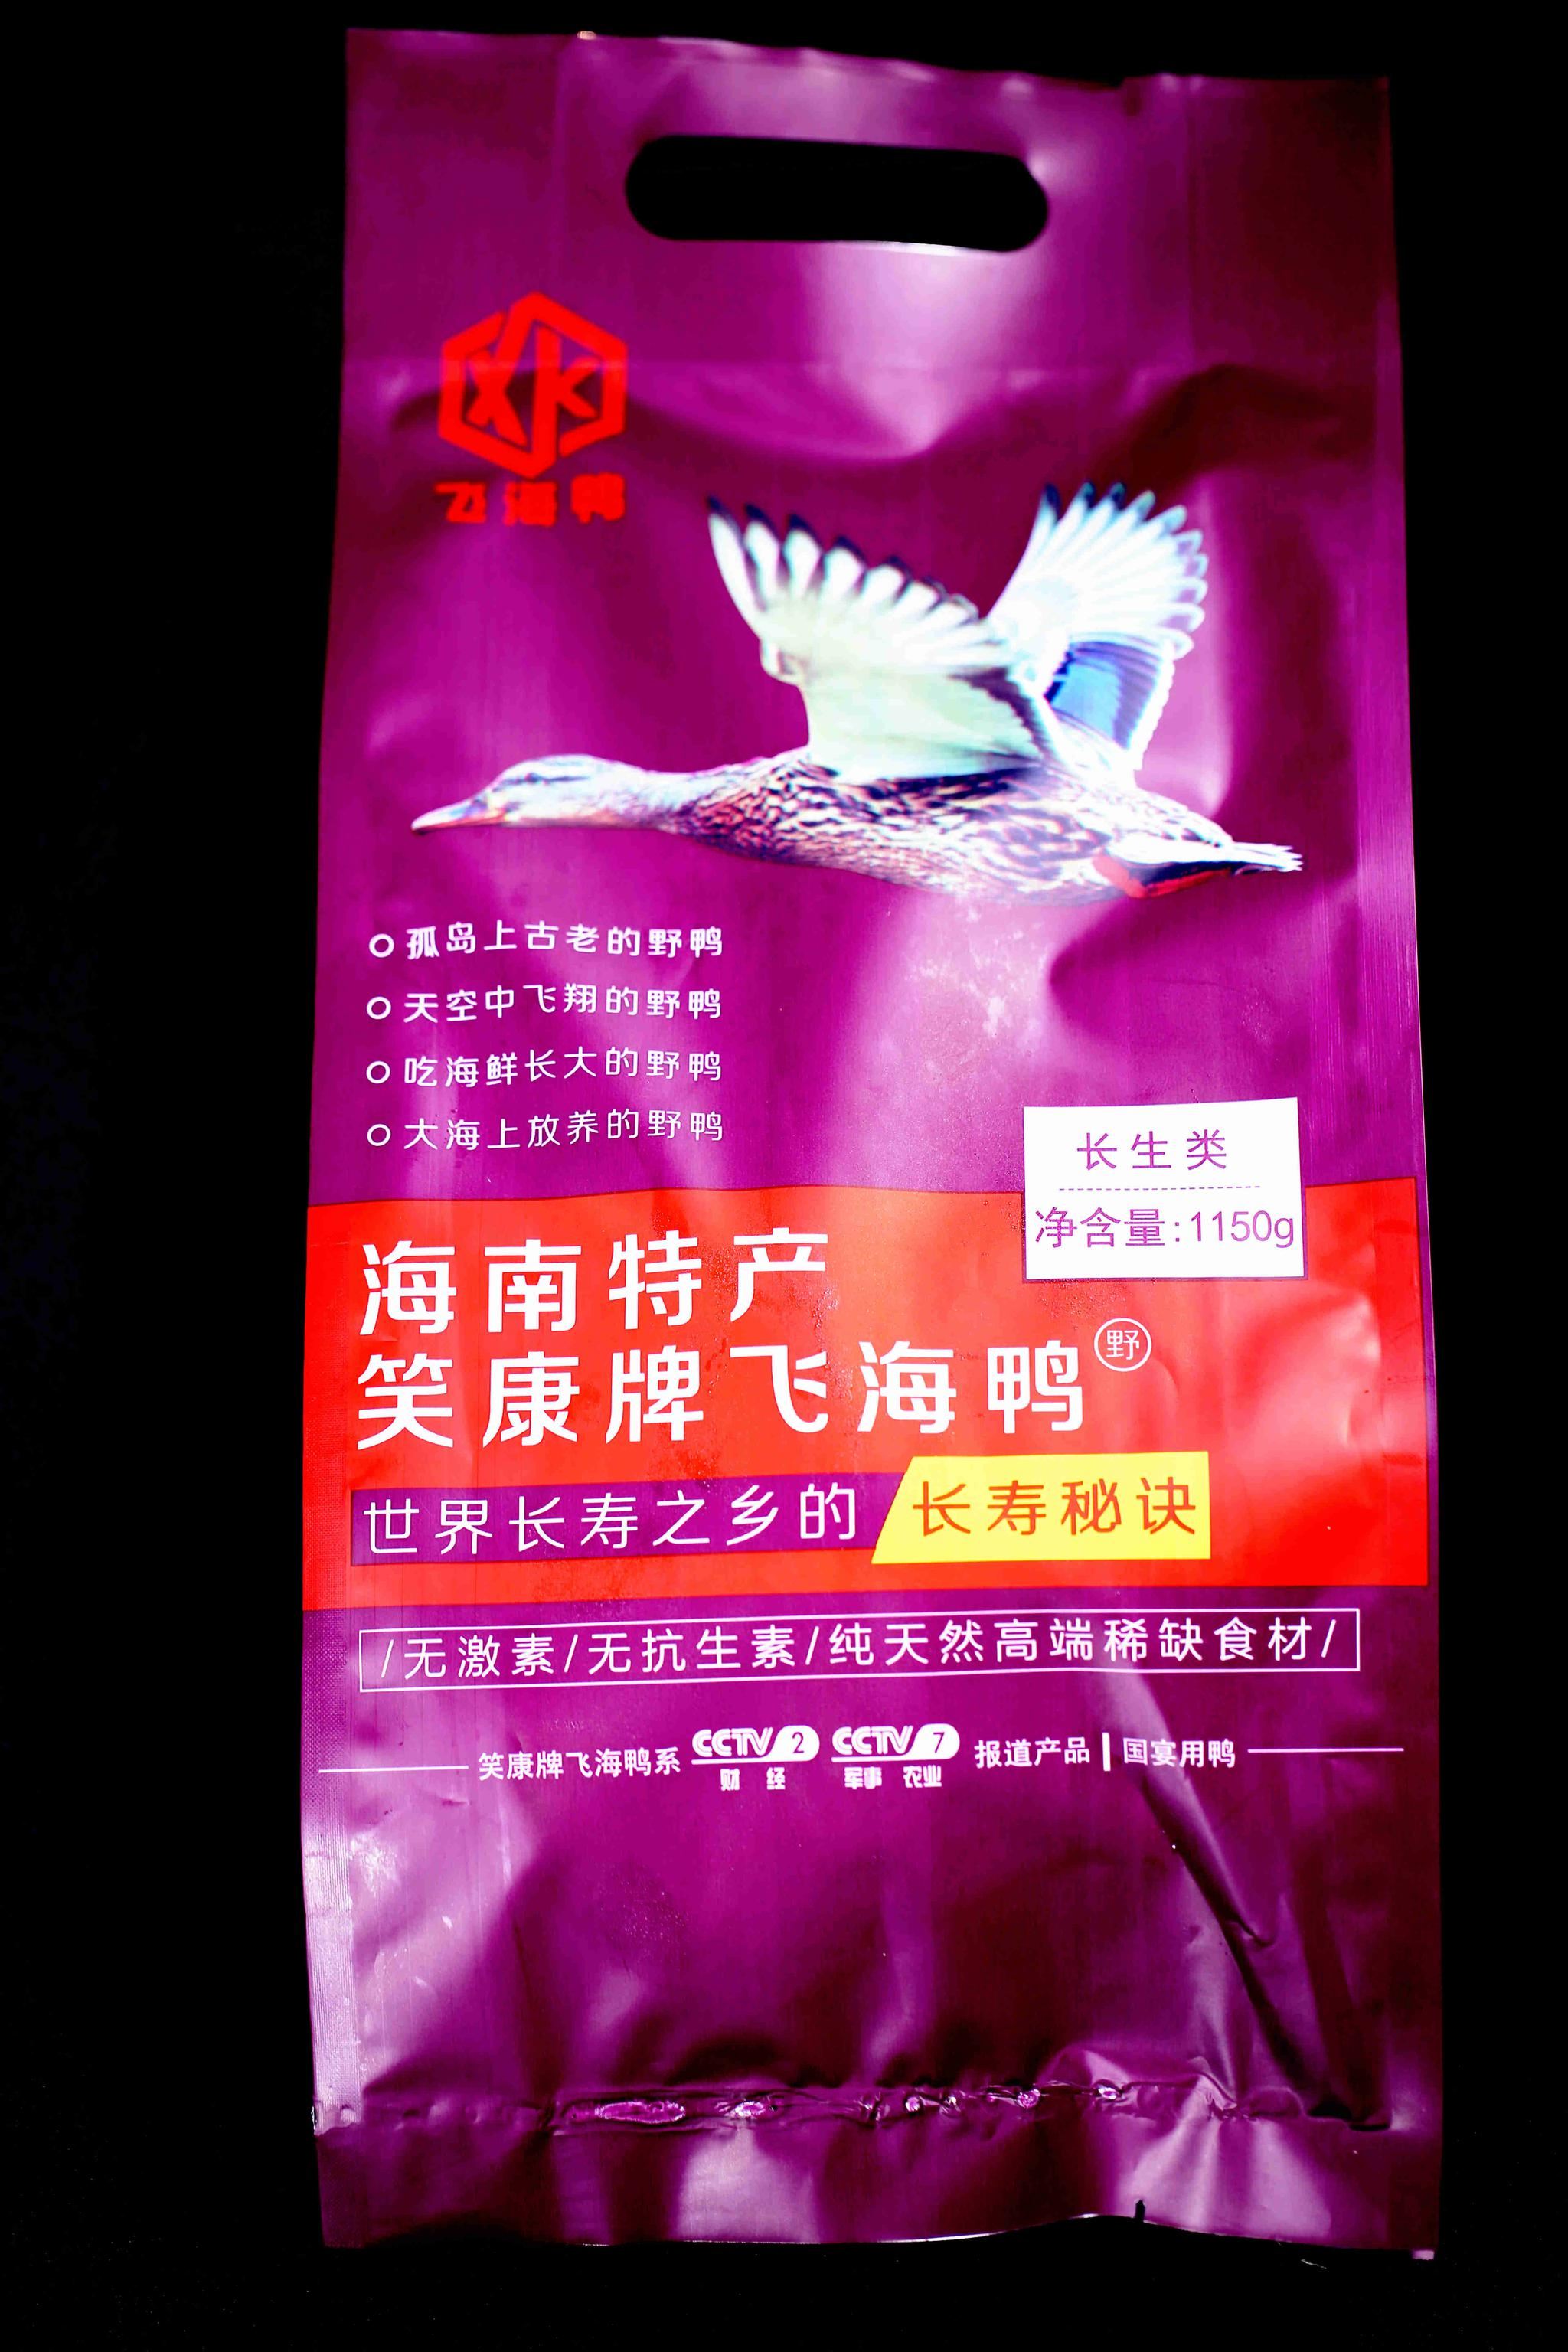 包装印国宴用鸭违反广告法被罚40万,厂家认为处罚过重提诉讼